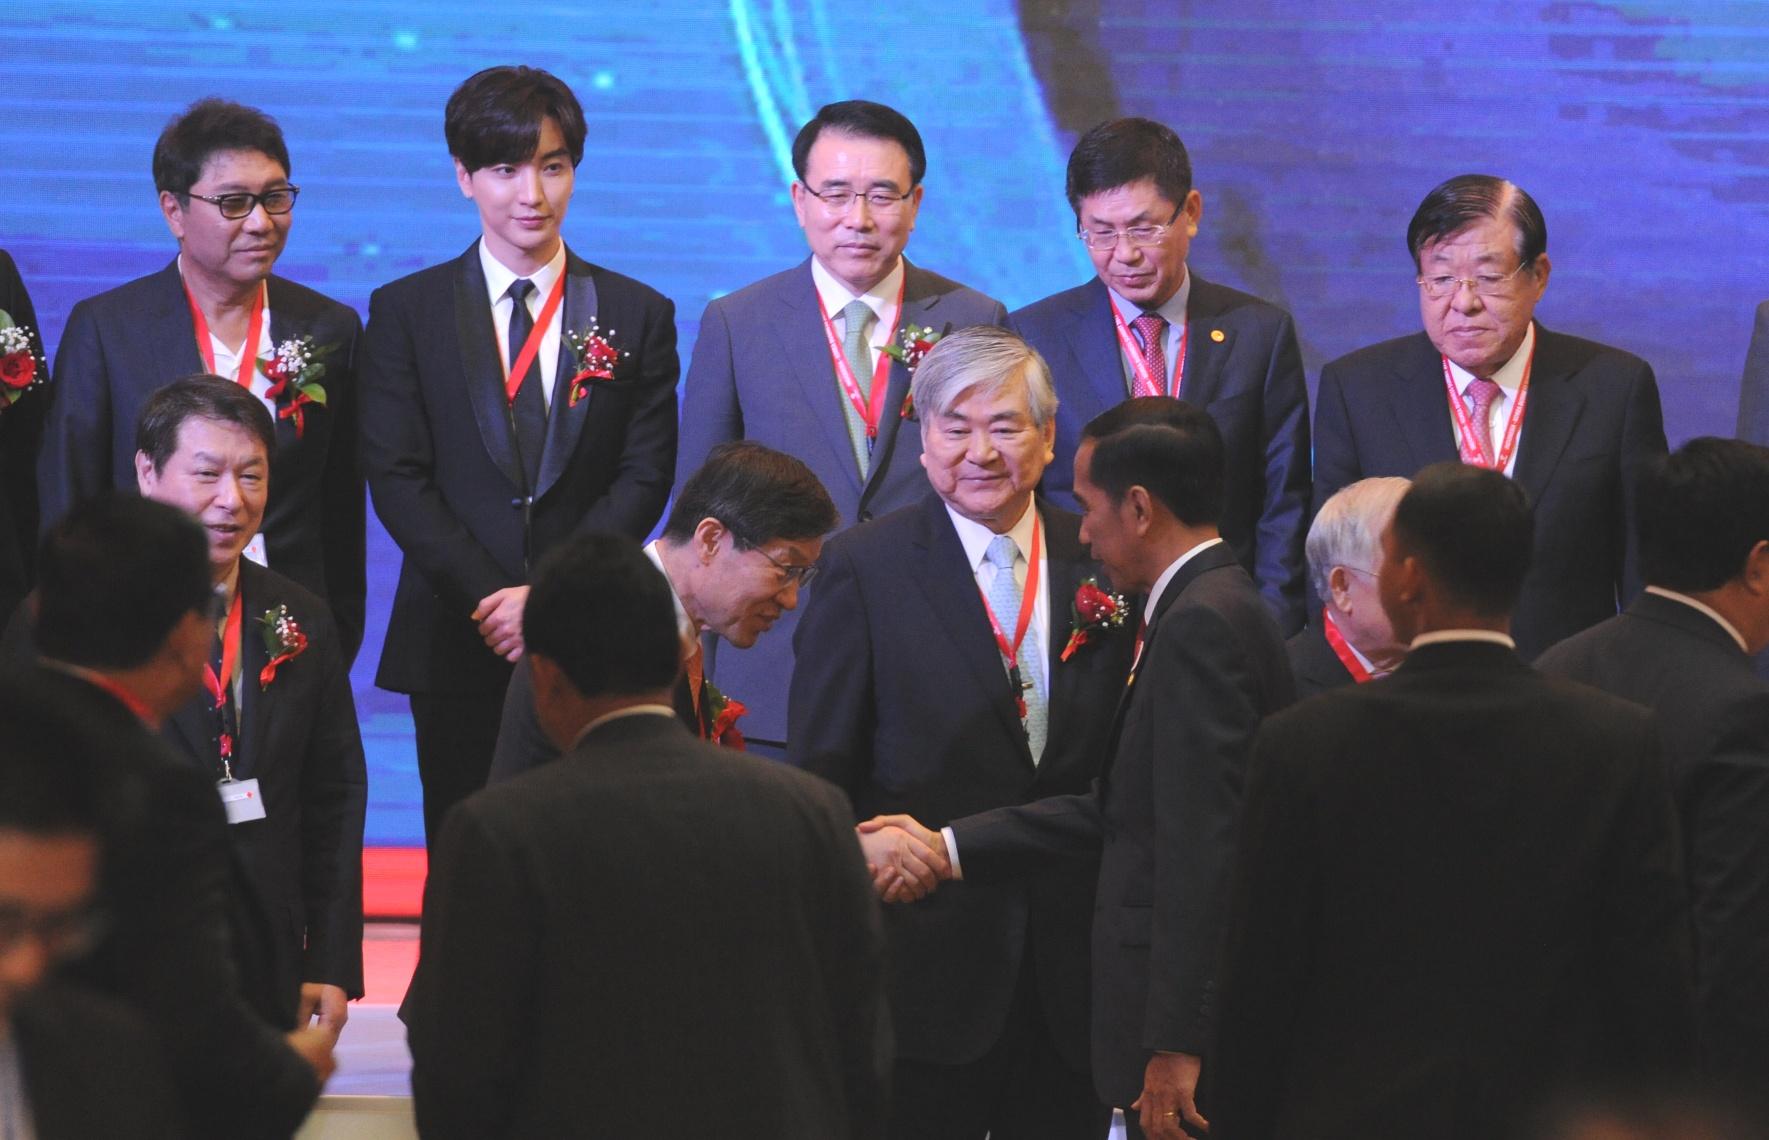 Presiden Jokowi saat menjadi pembicara kunci pada acara Indonesia Korean Business Summit 2017, di Ballroom Hotel Shangri-La, Jakarta, Selasa (14/3) . (Foto: Humas/Jay)